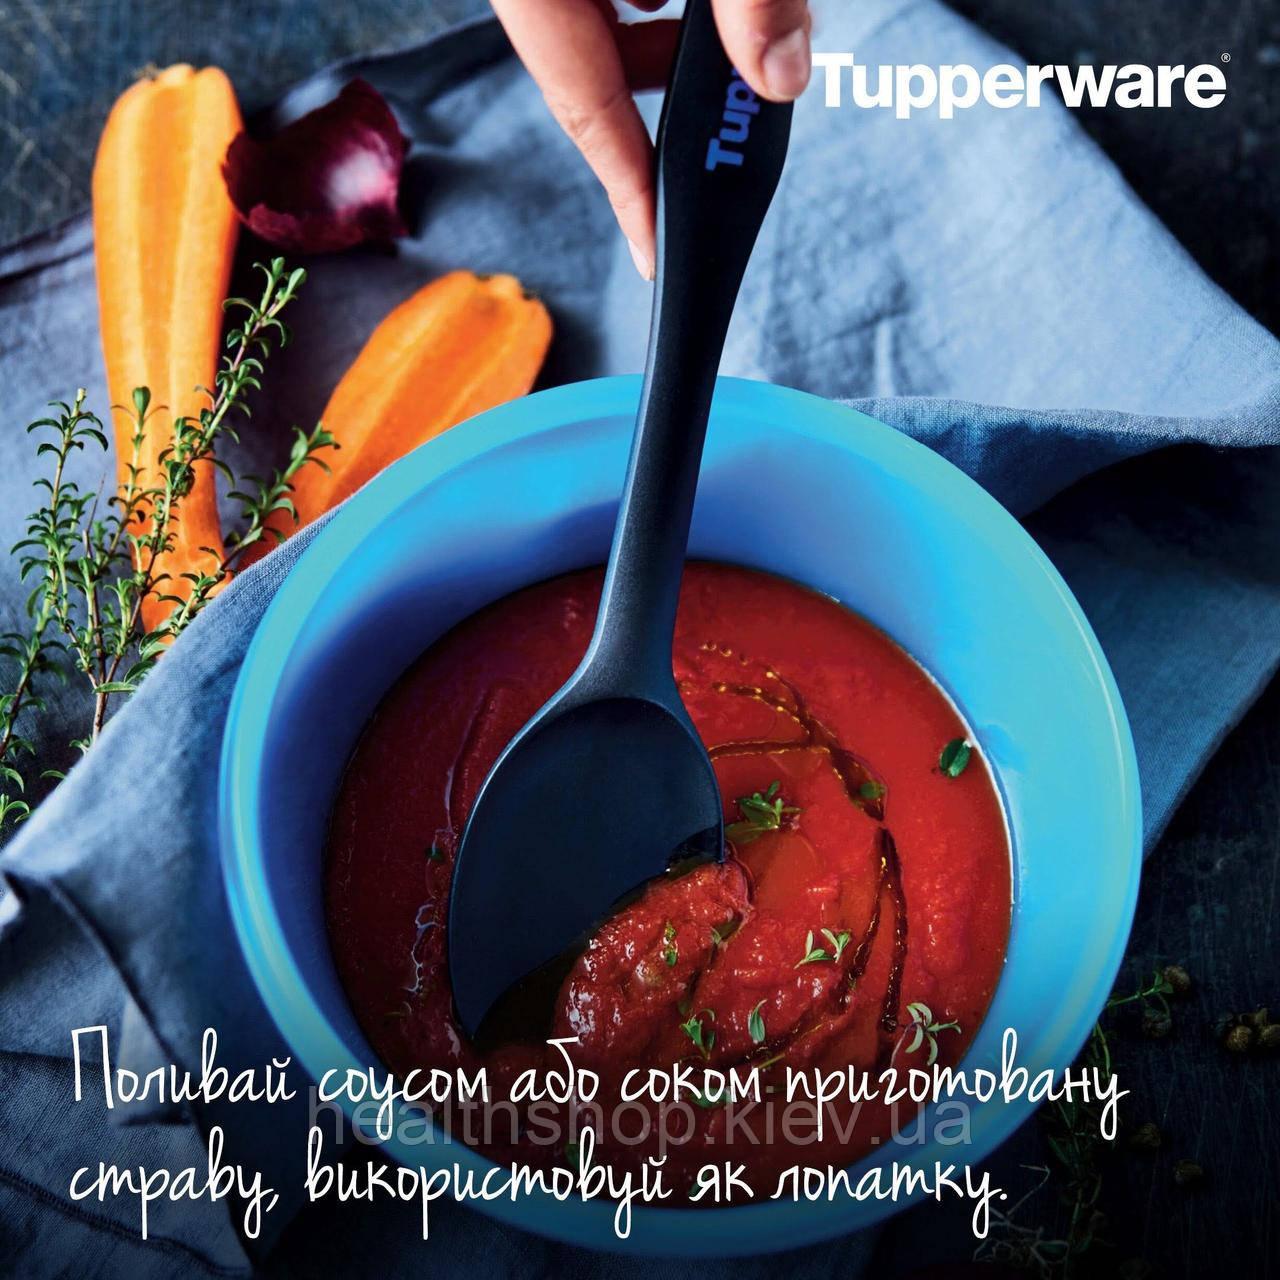 Ложка Каждый день Tupperware (Оригинал) Тапервер